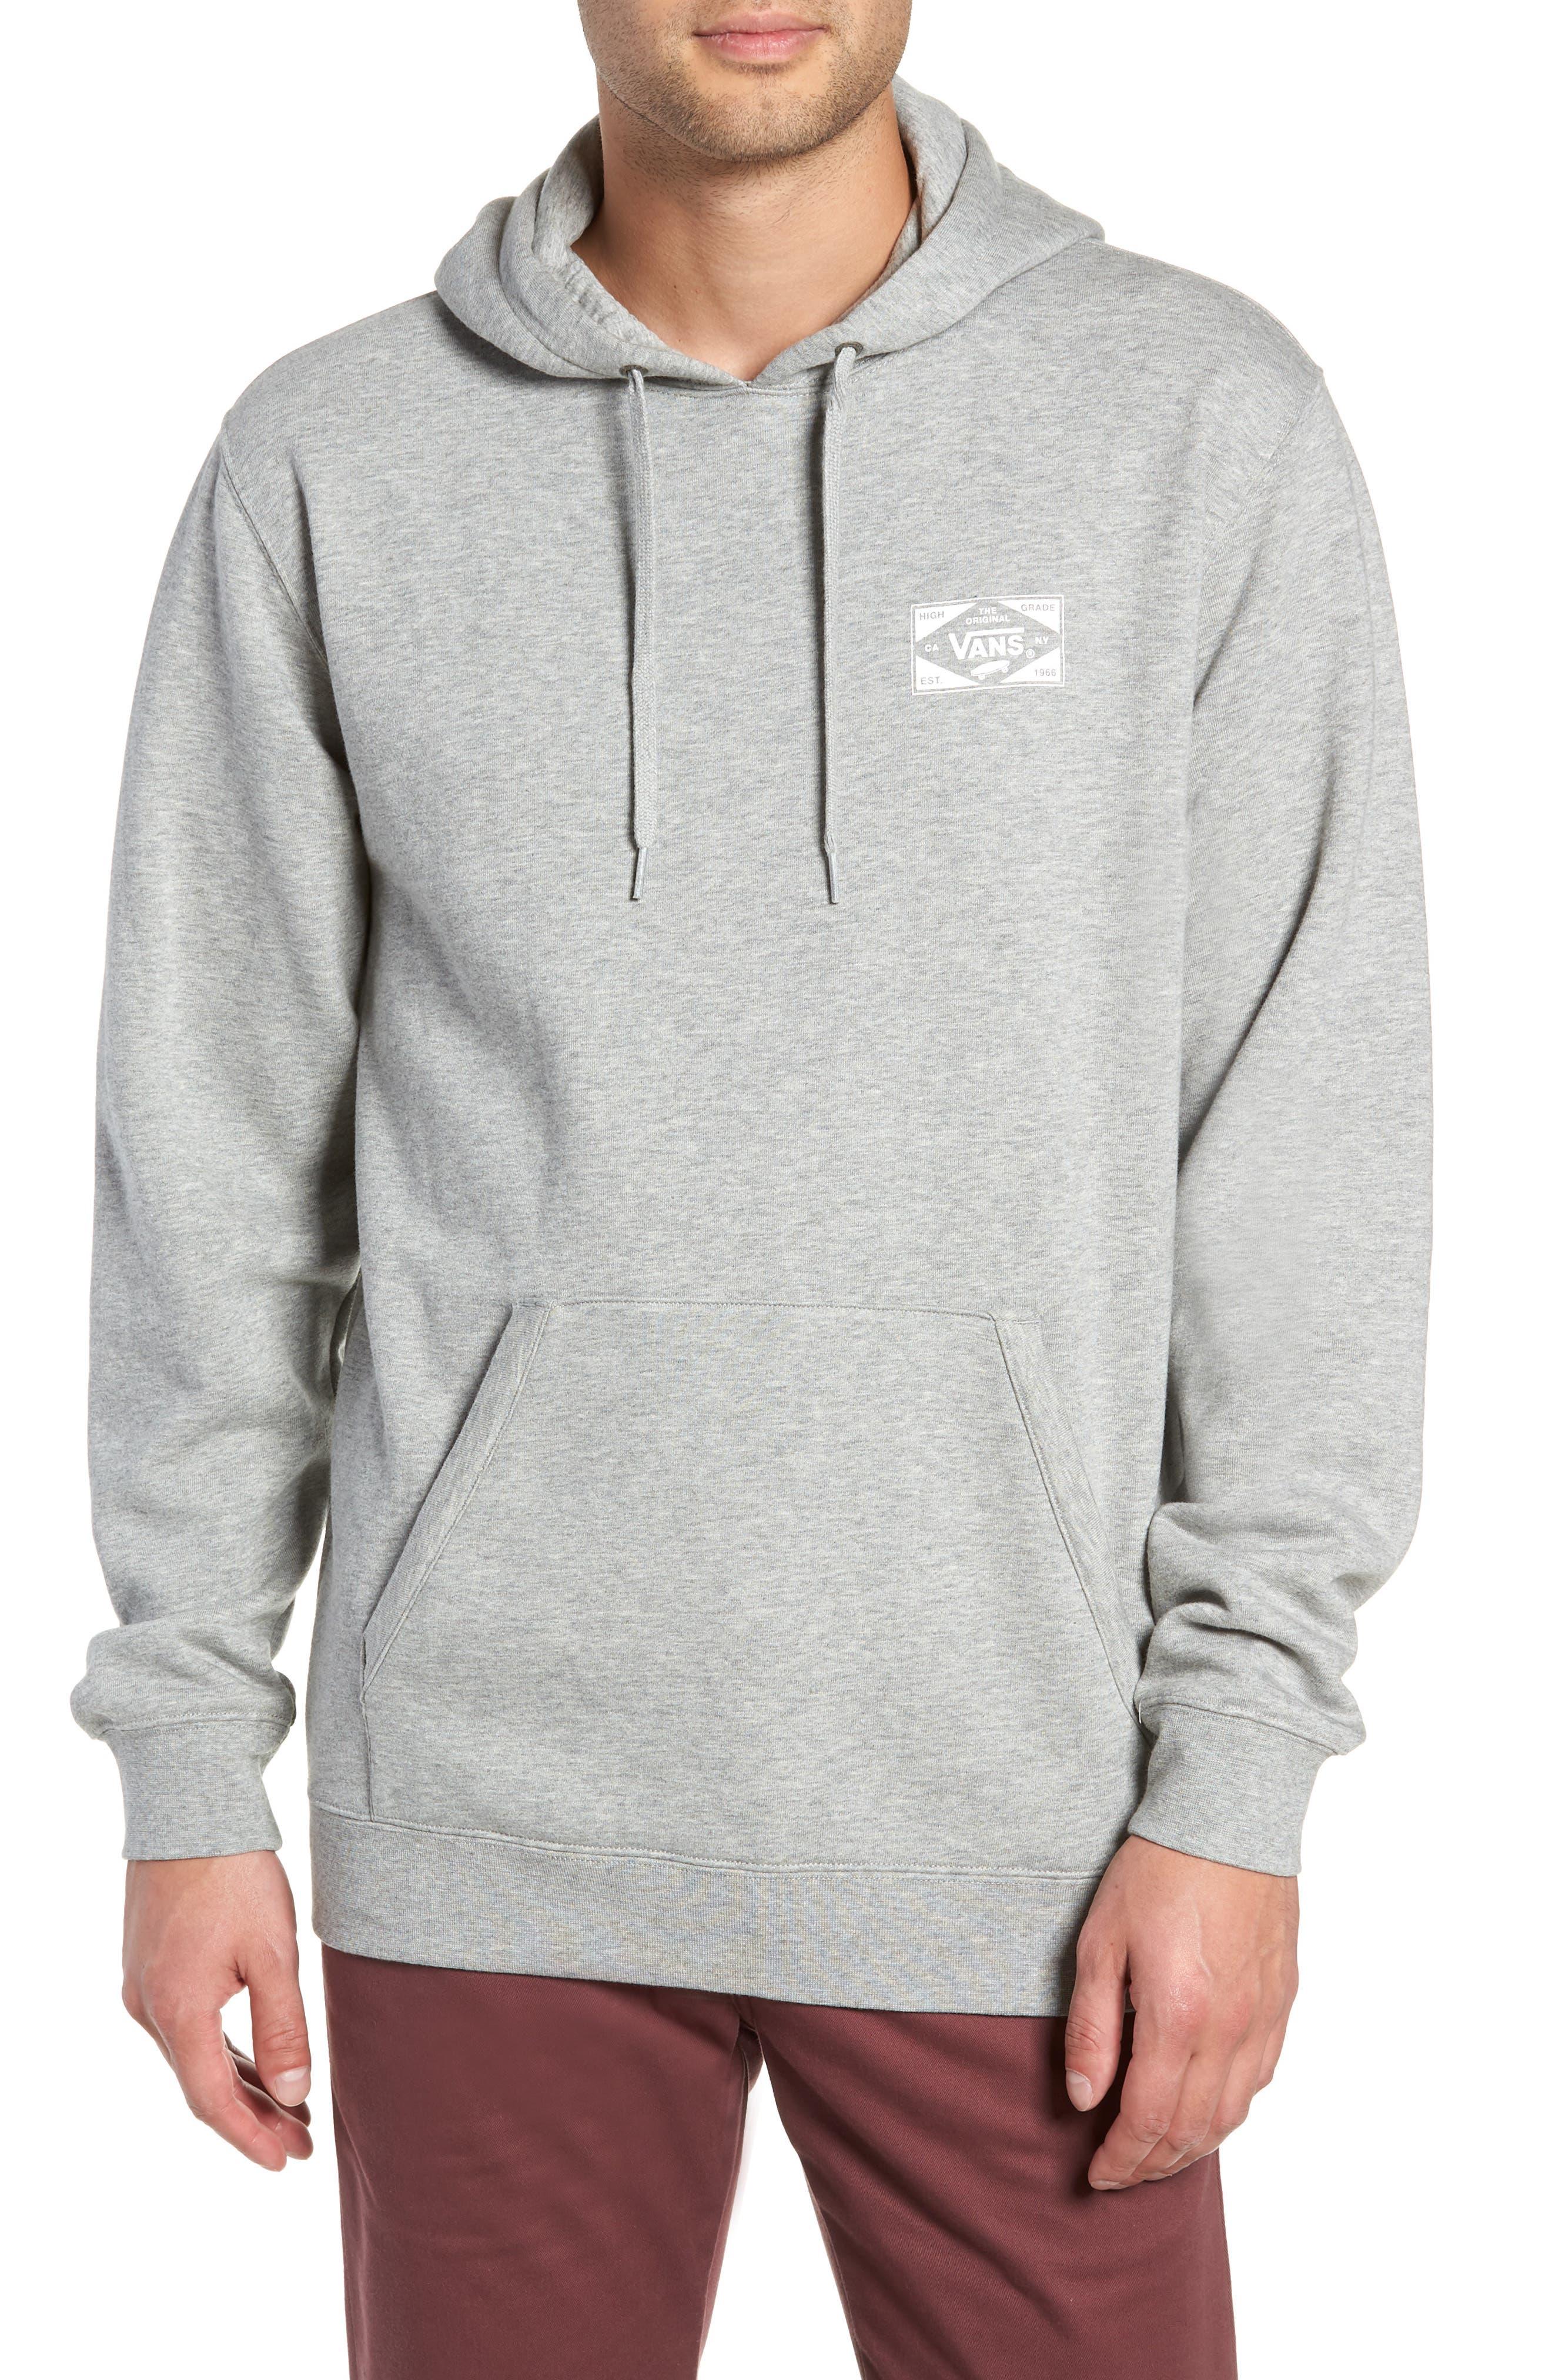 Vans Best In Class Hooded Sweatshirt, Grey